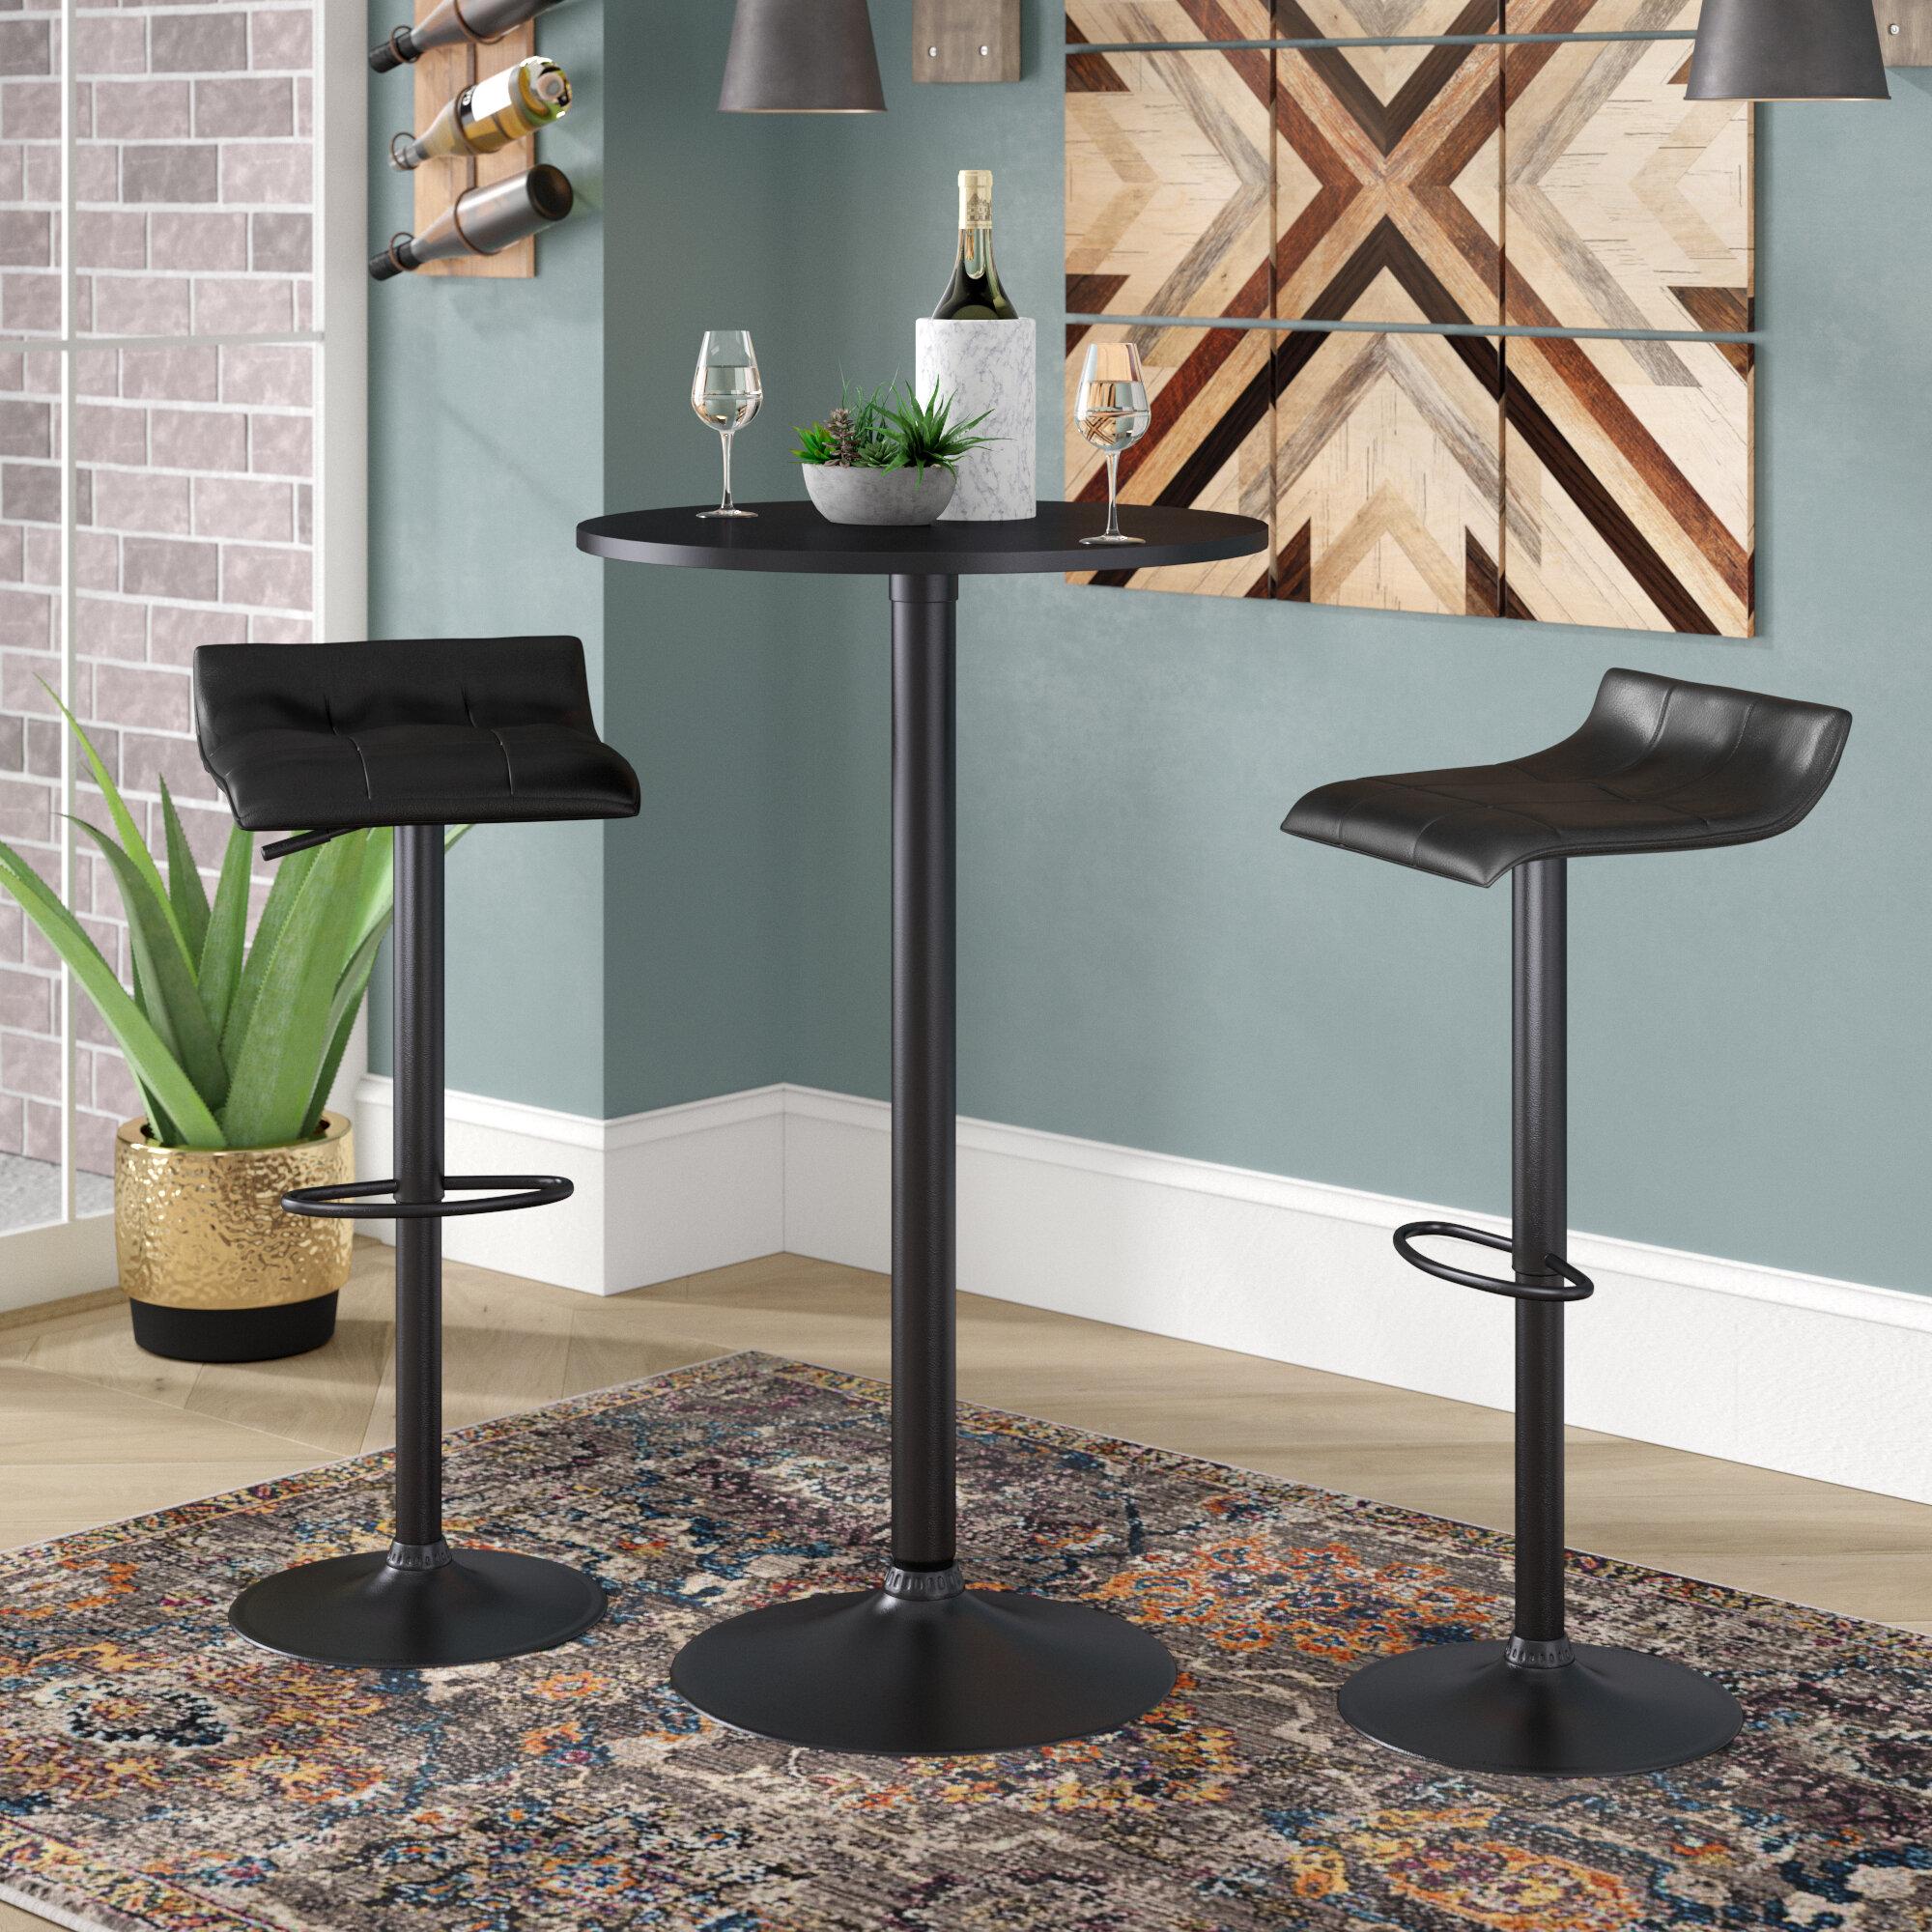 Beau Trent Austin Design Yoder 3 Piece Pub Table Set U0026 Reviews | Wayfair